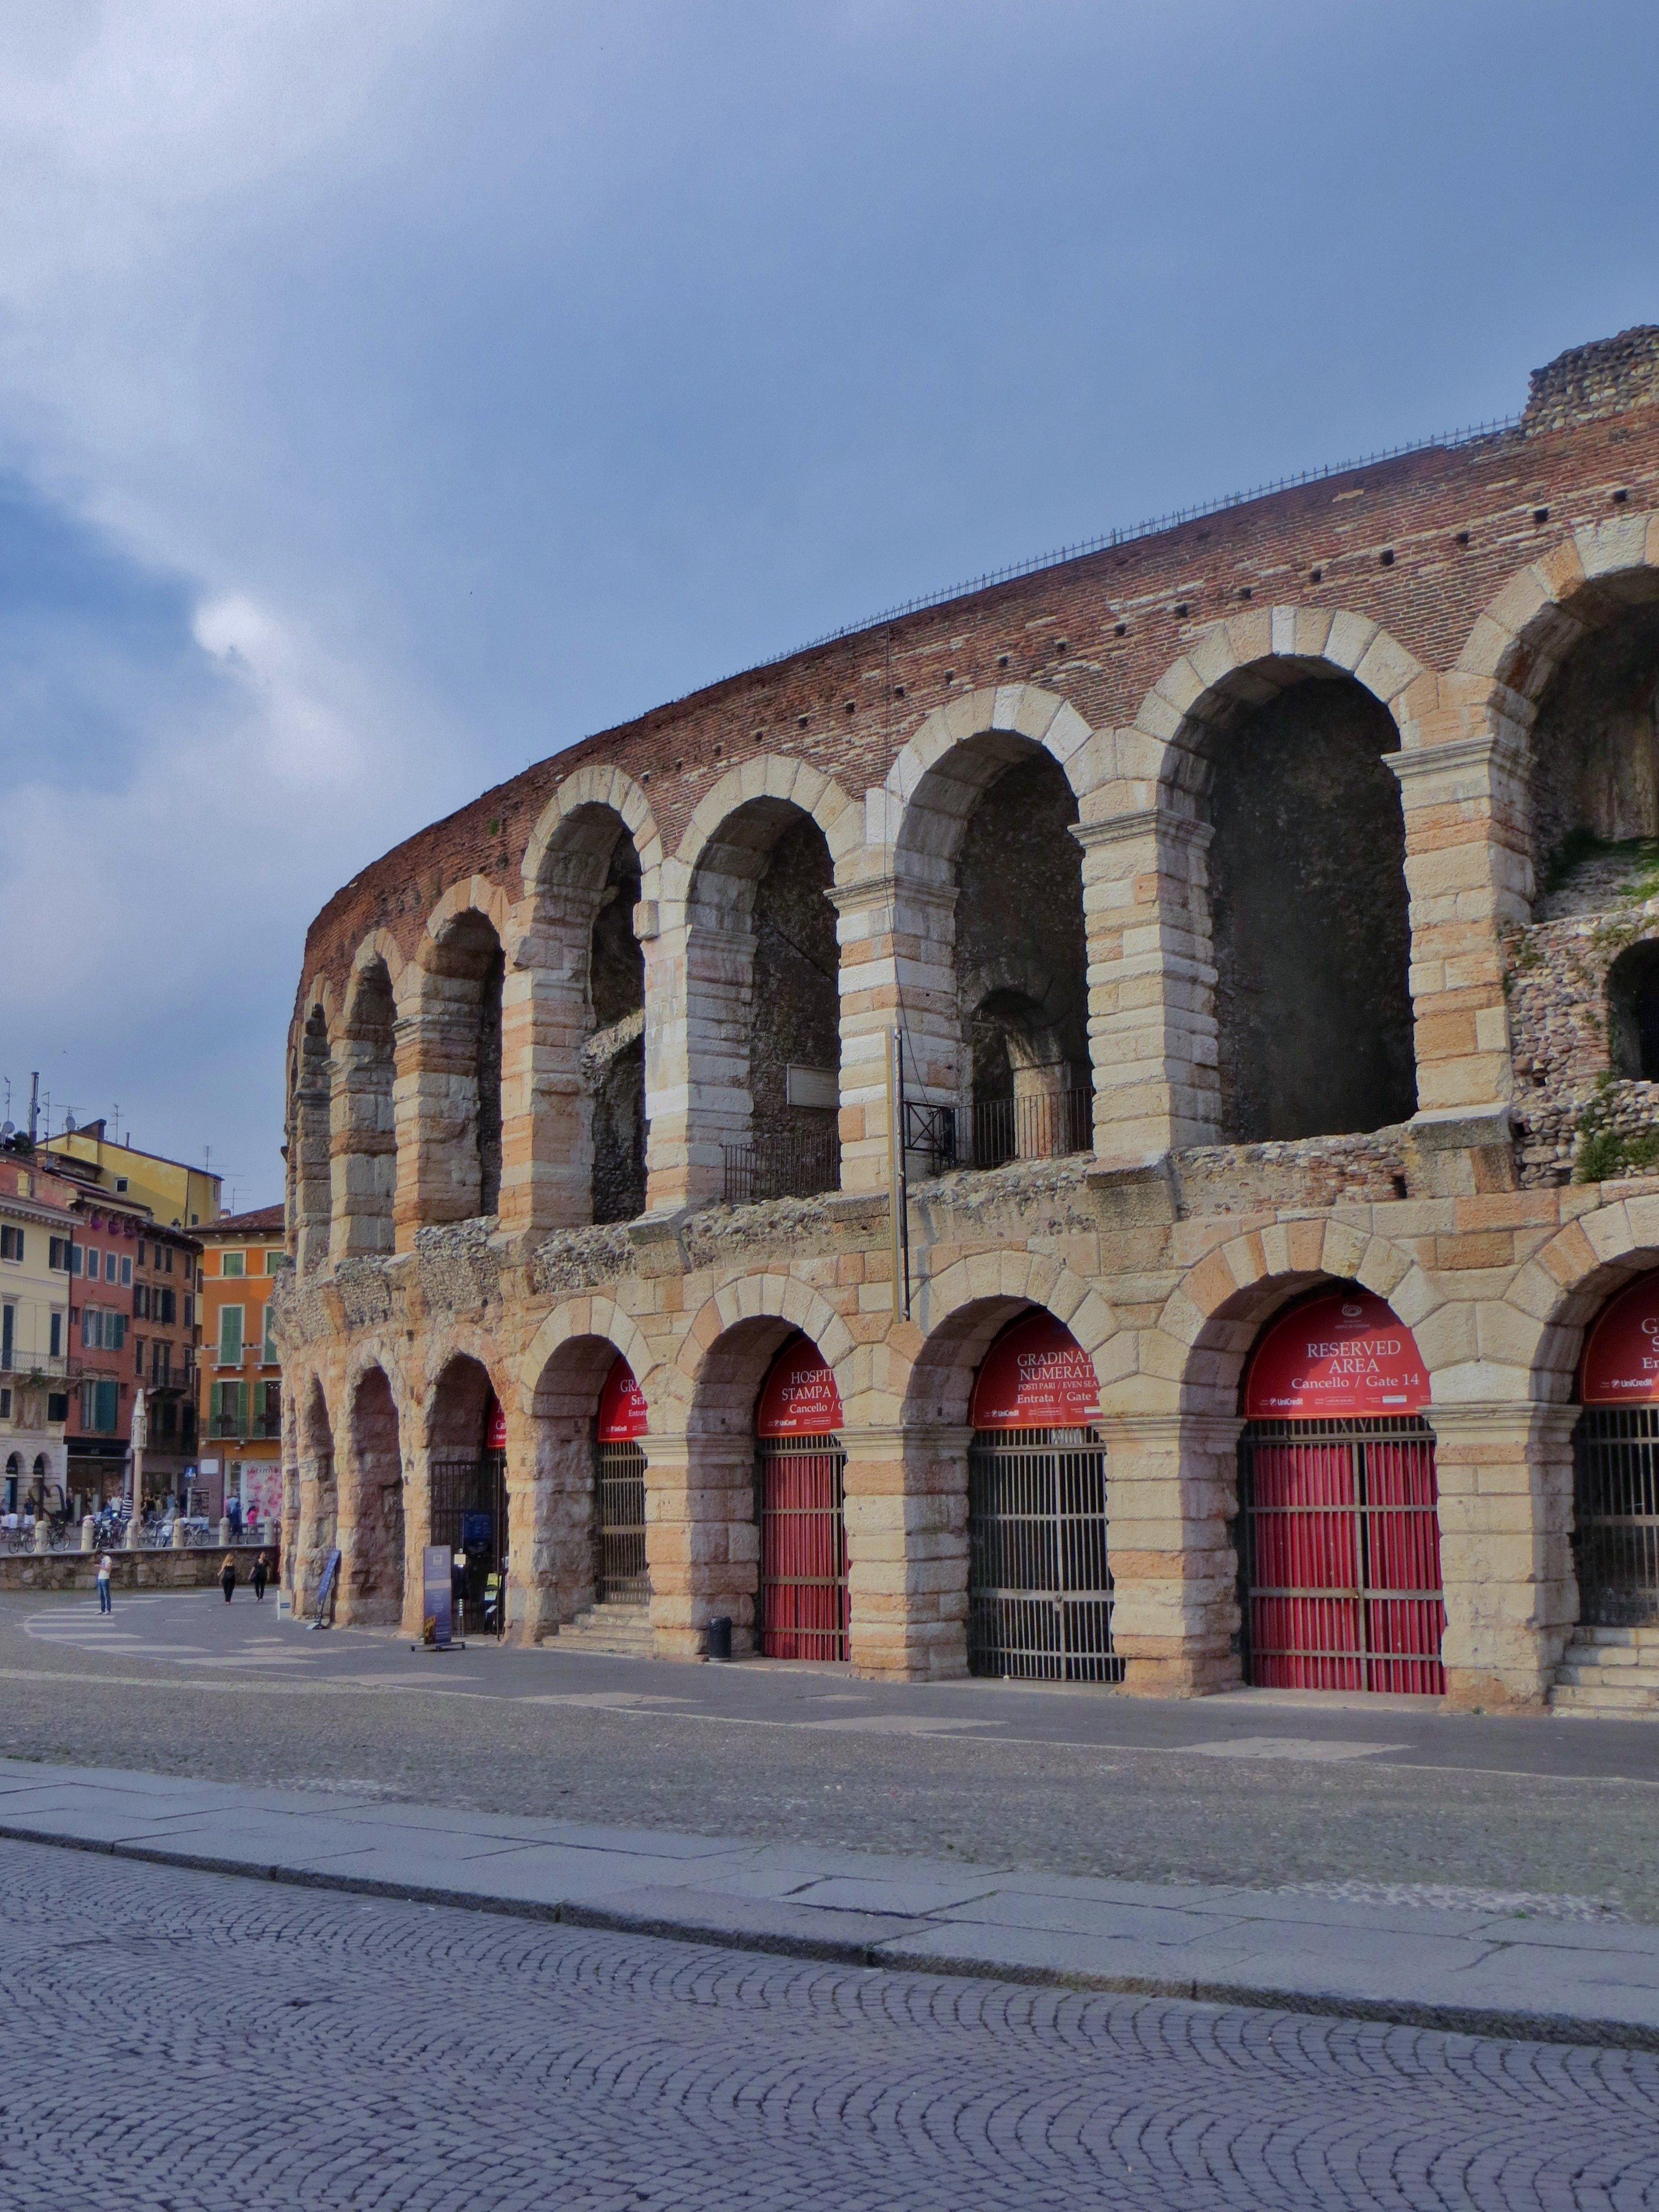 Arena di Verona, Piazza Bra